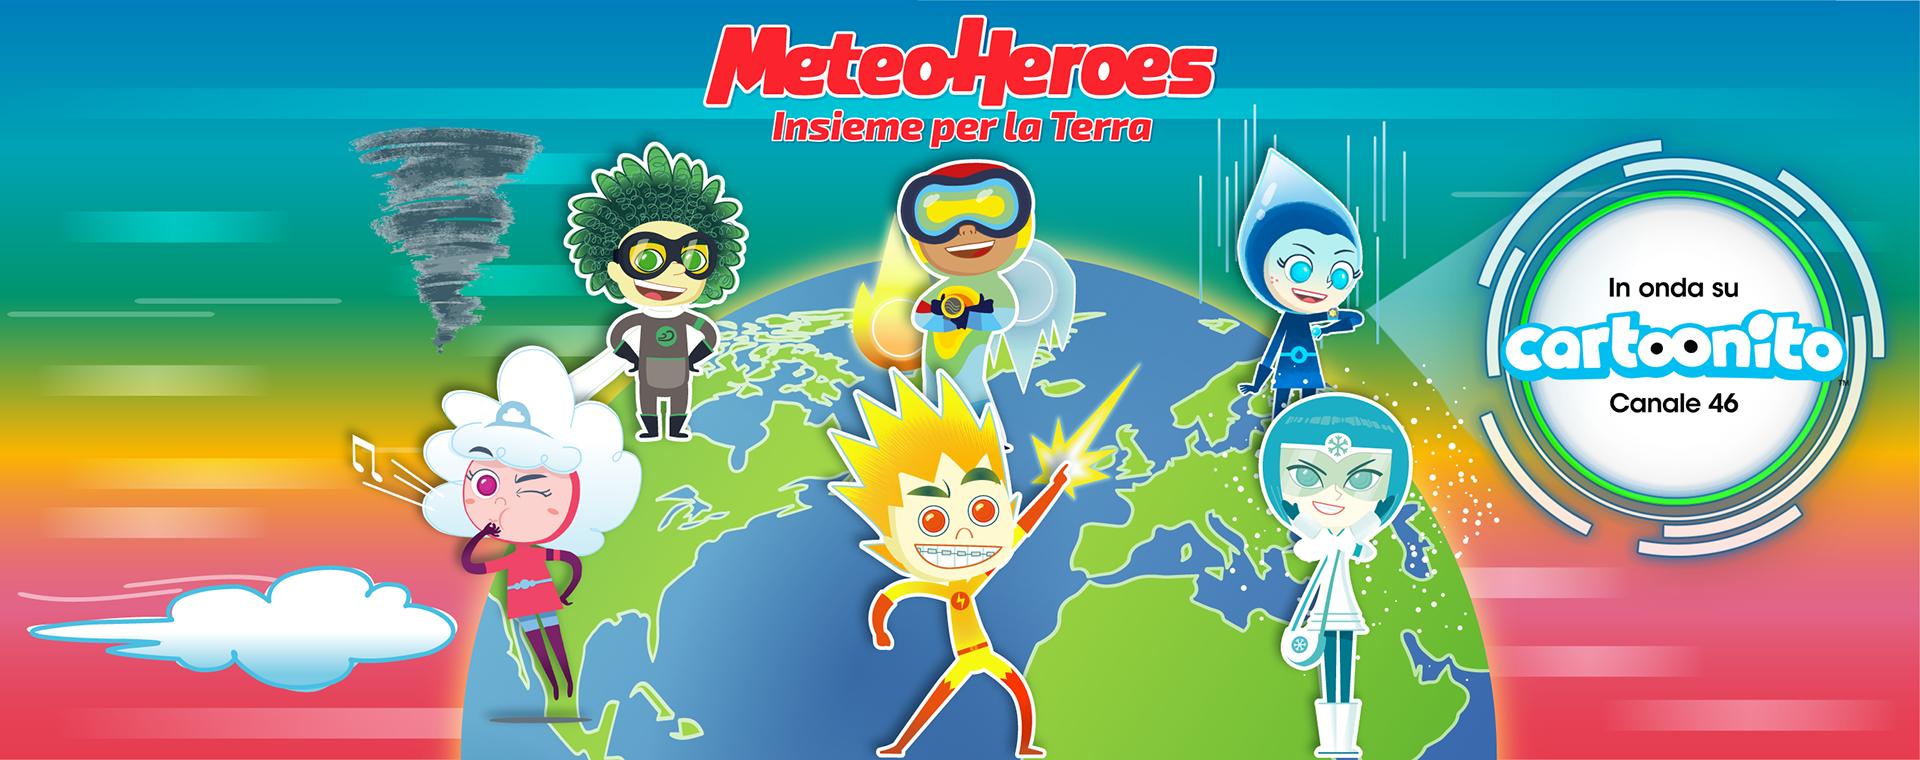 MeteoHeroes slider 169